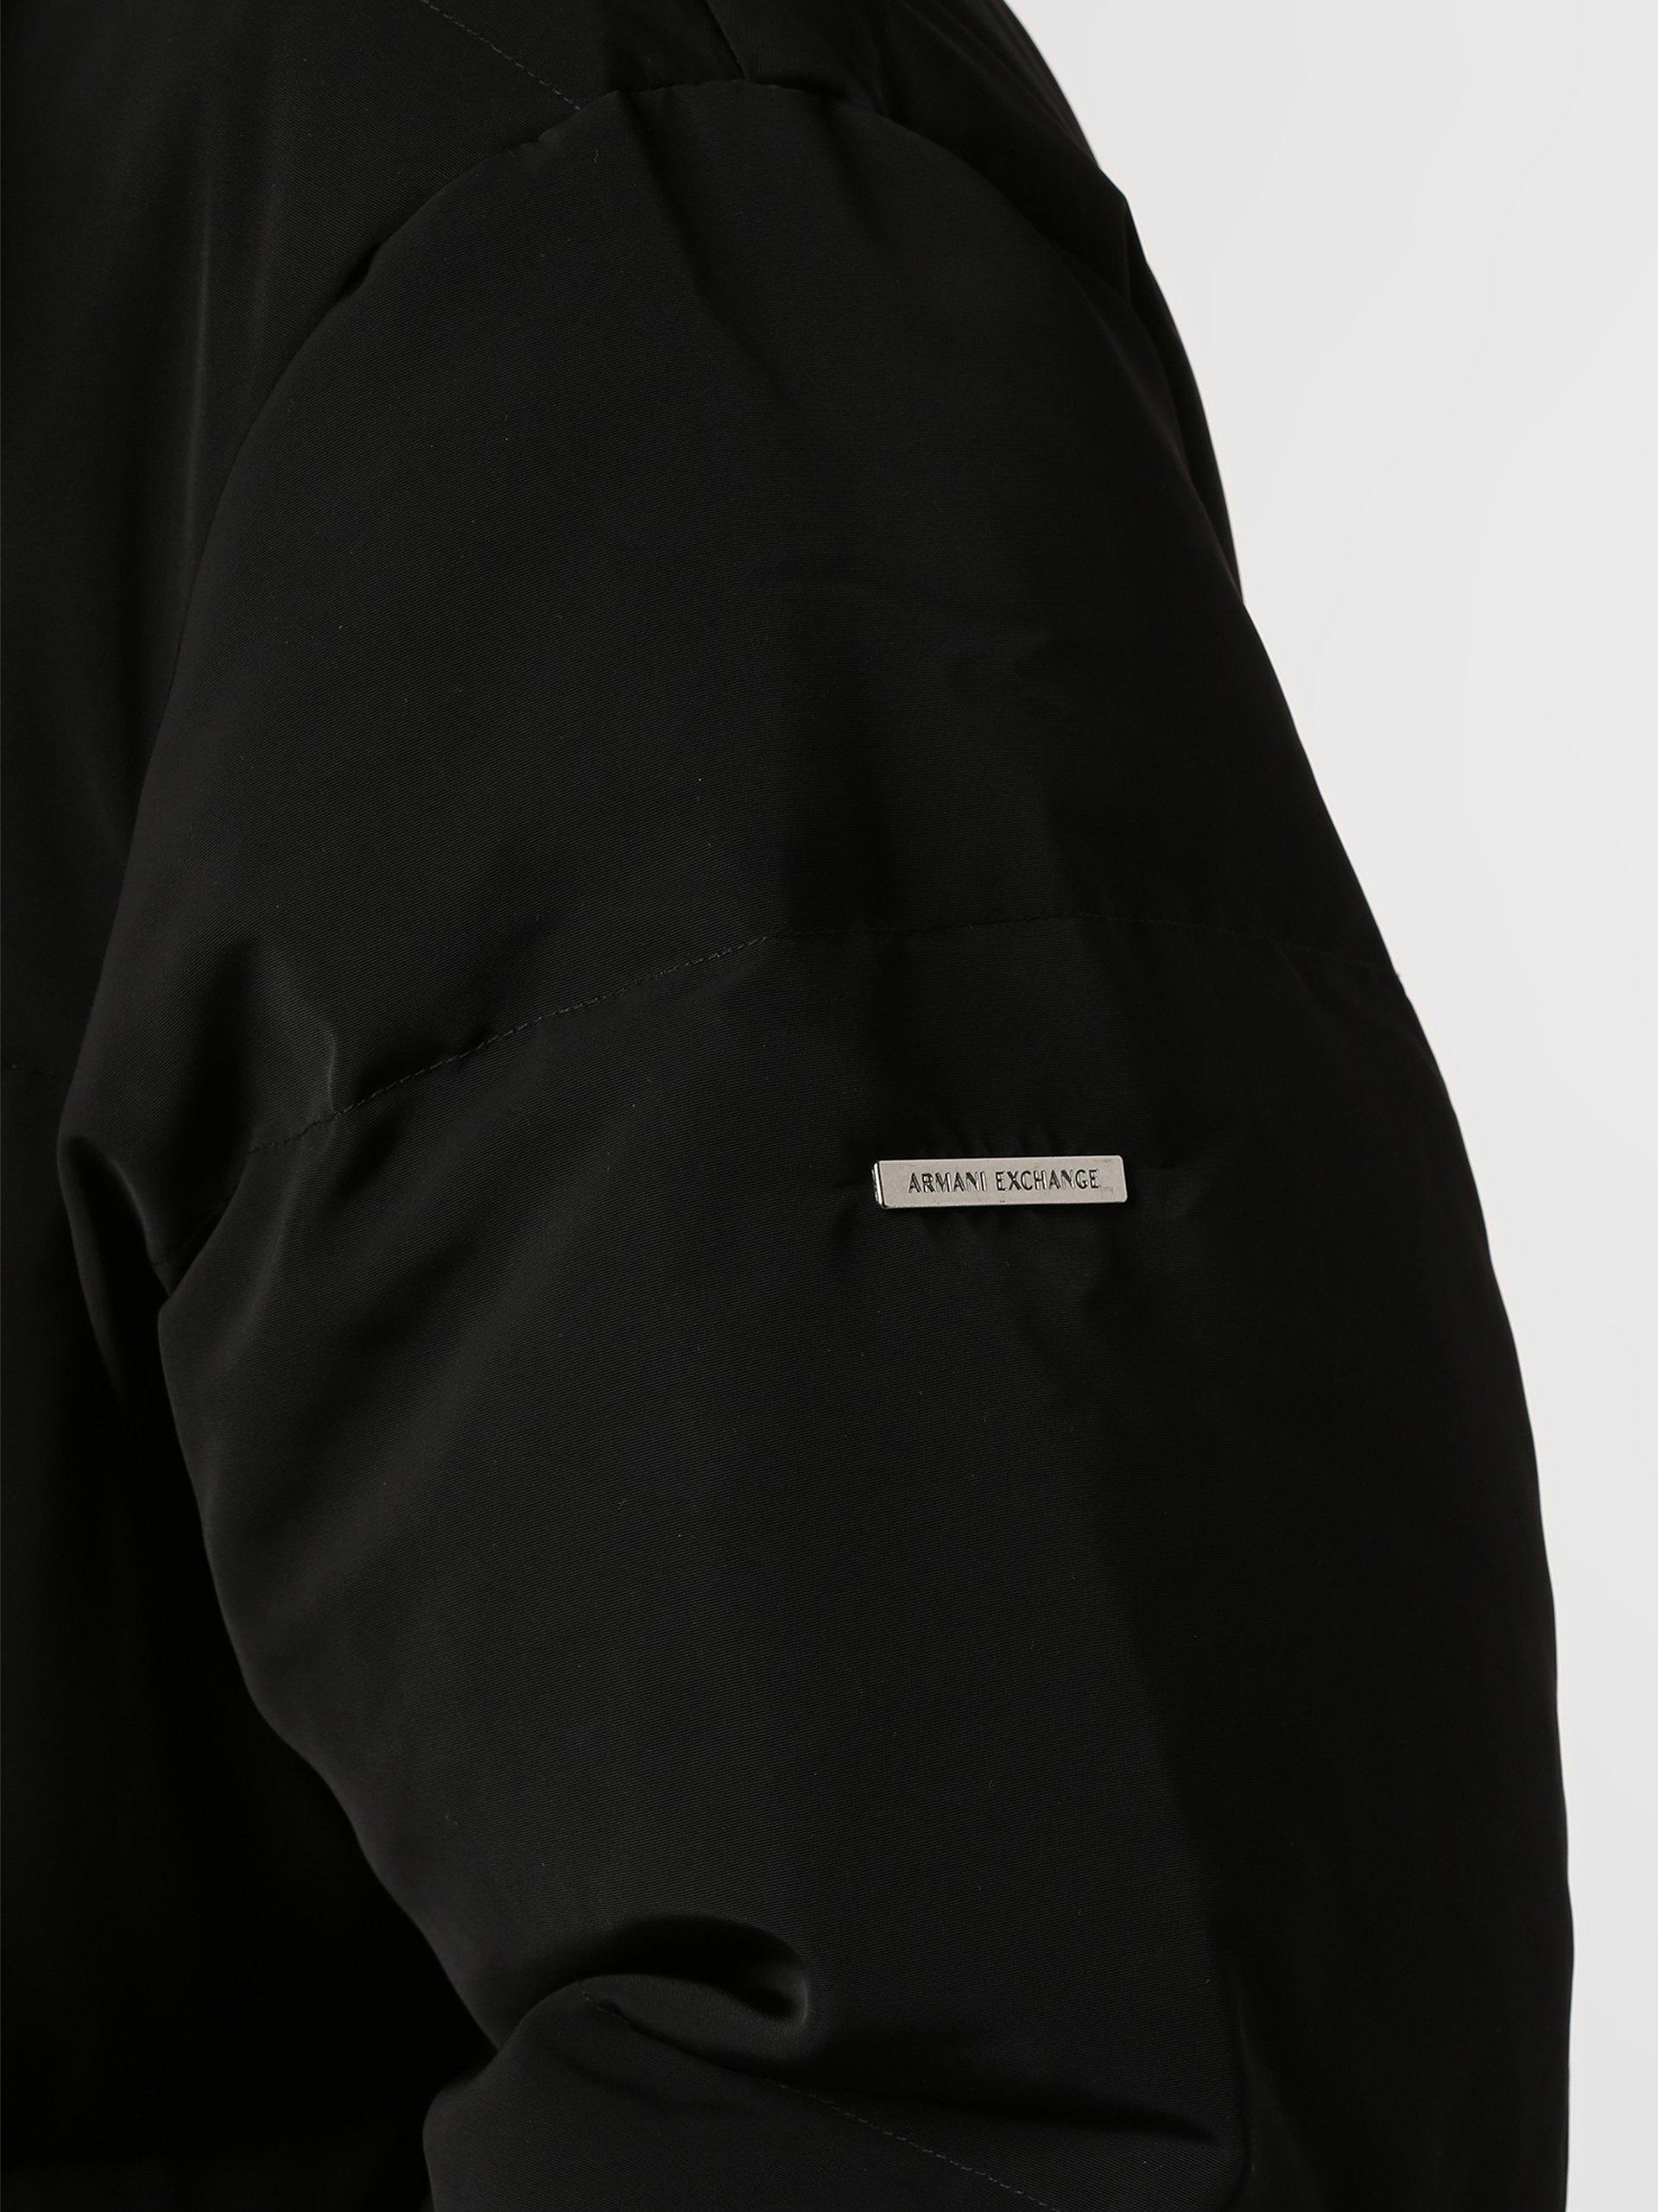 Armani Exchange Męski płaszcz puchowy